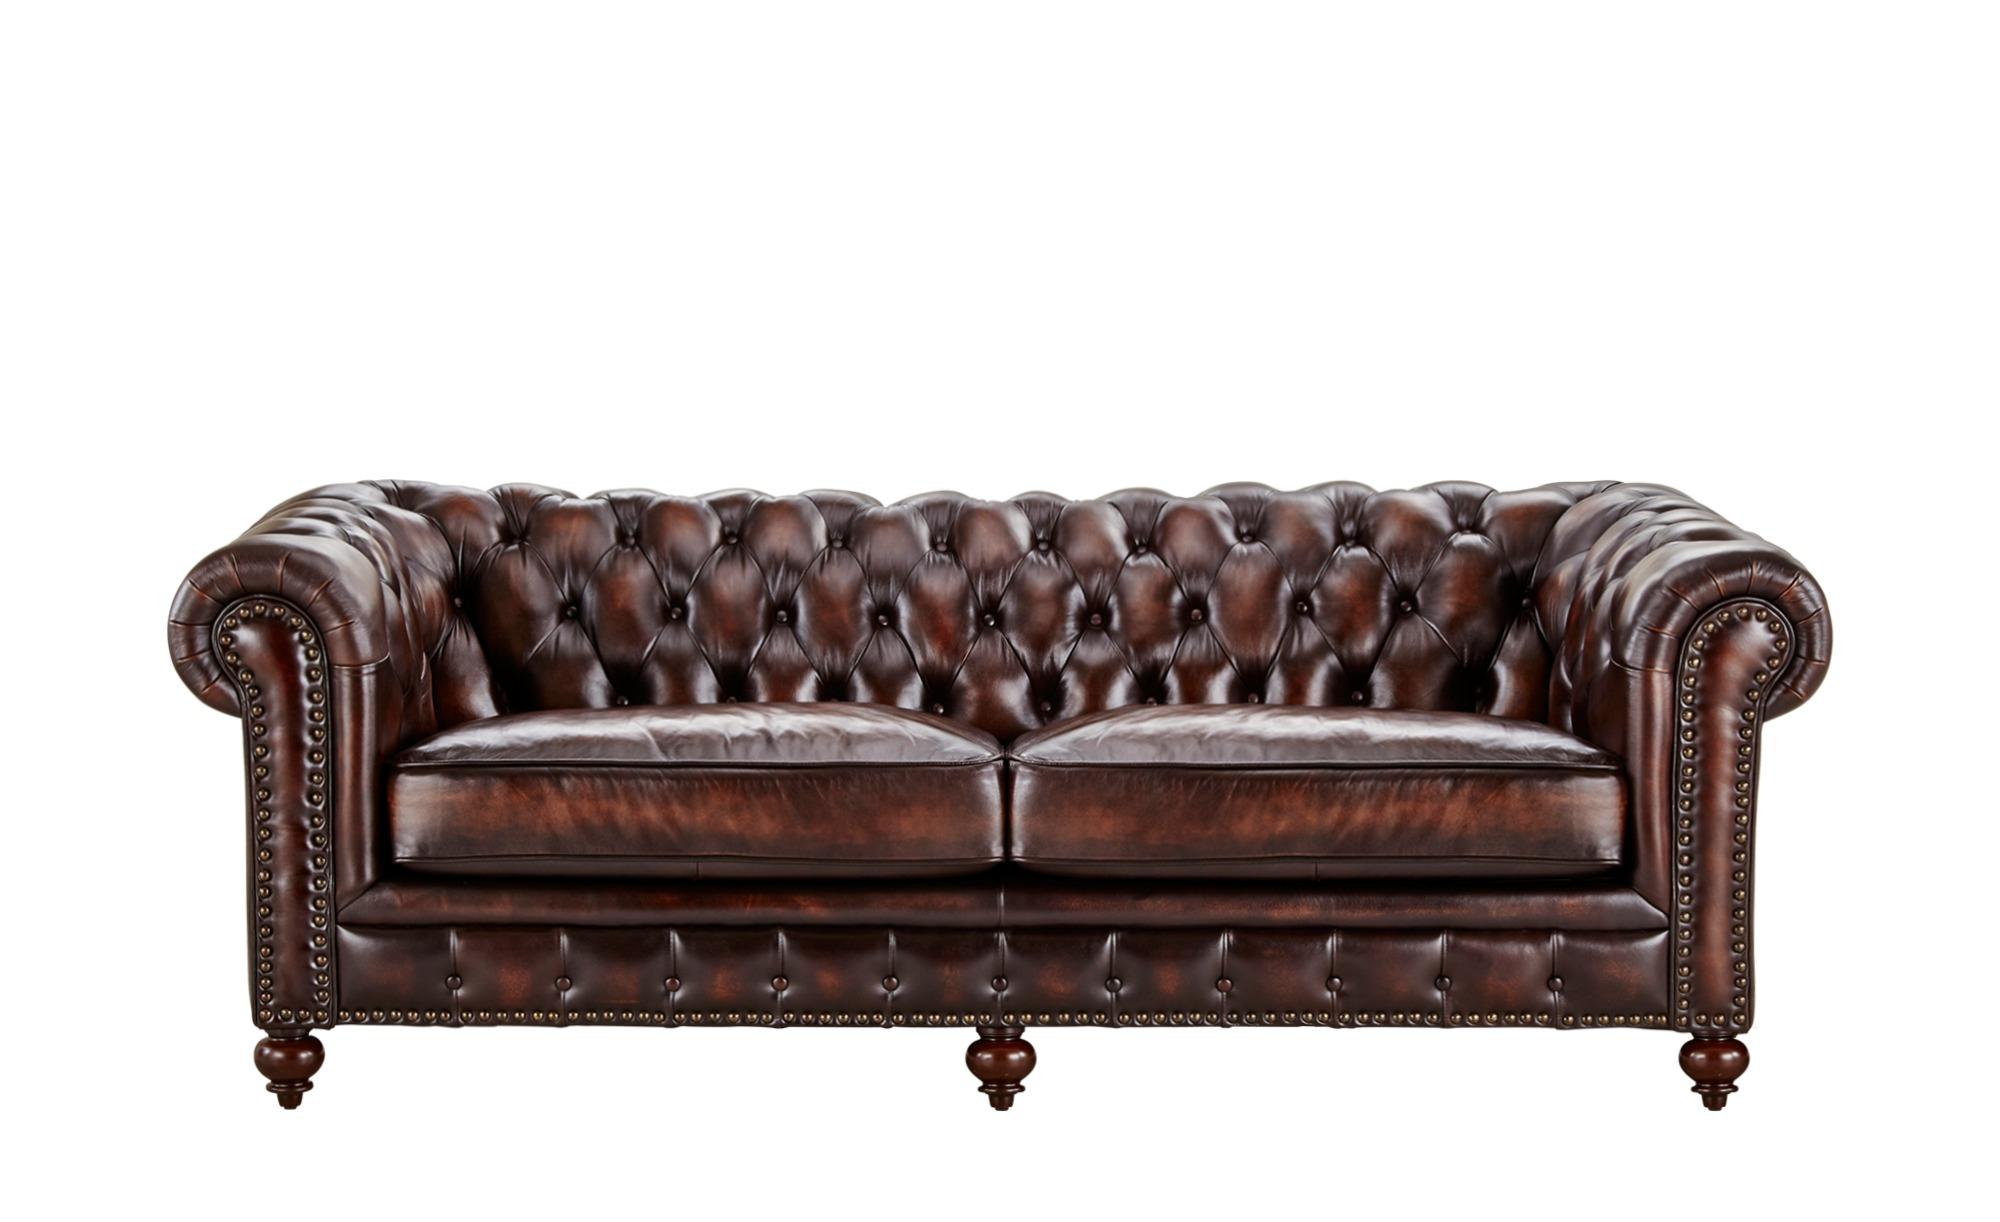 uno Sofa 12 sitzig Leder Chesterfield, gefunden bei Möbel Kraft